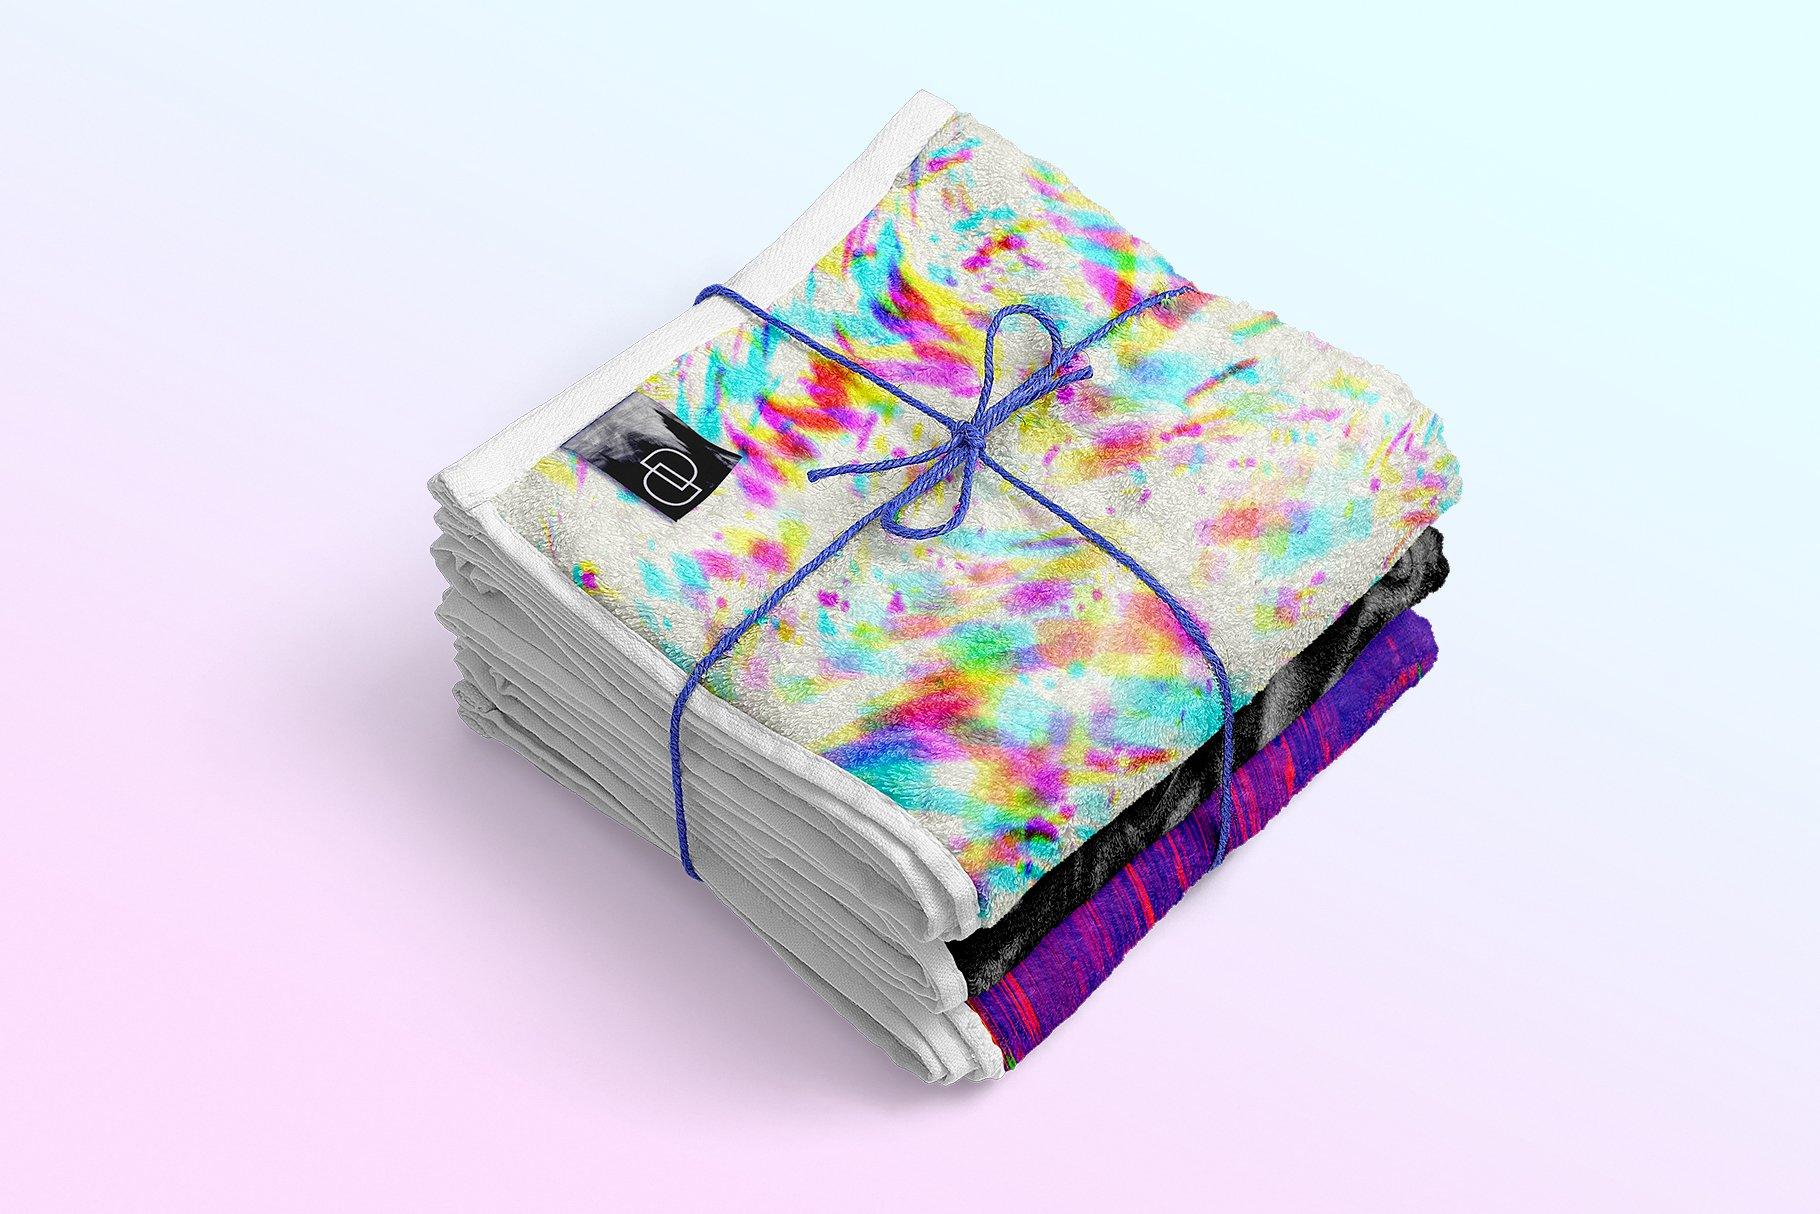 [单独购买] 90款潮流抽象炫彩故障扭曲噪点颗粒纹理海报设计背景图片素材 Experimental Abstract Textures插图5